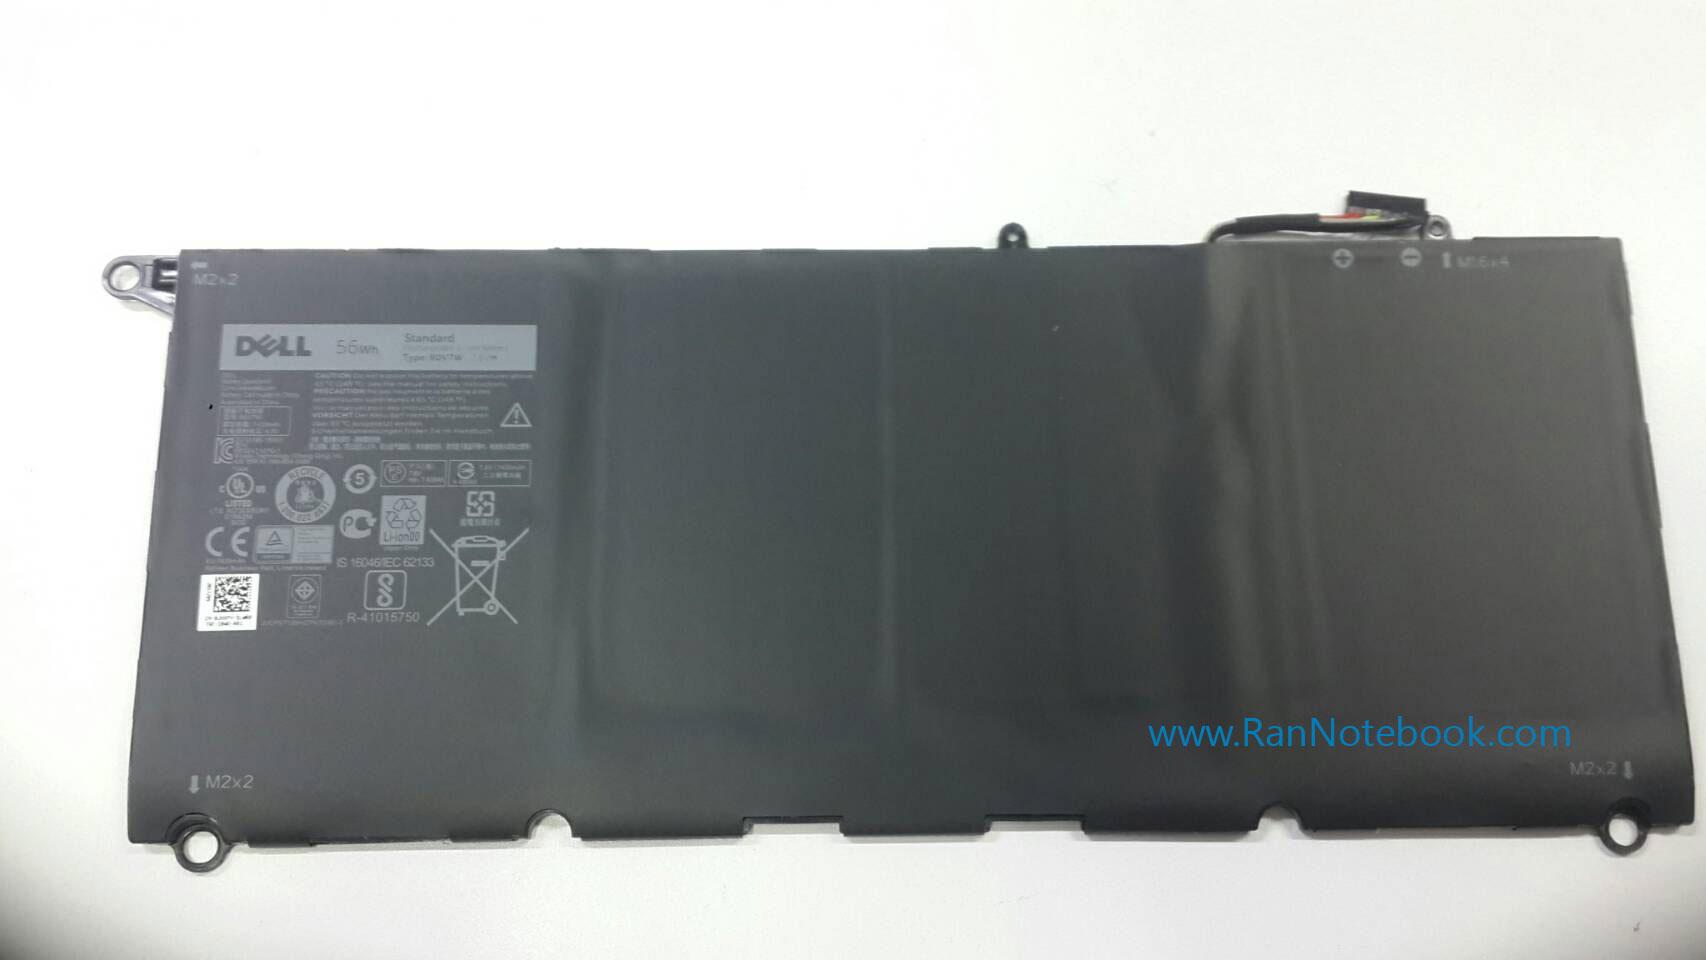 Battery DELL XPS 13 9343 9350 0N7T6 JHXPY 90V7W ของแท้ ประกันศูนย์ DELL ราคา ไม่แพง